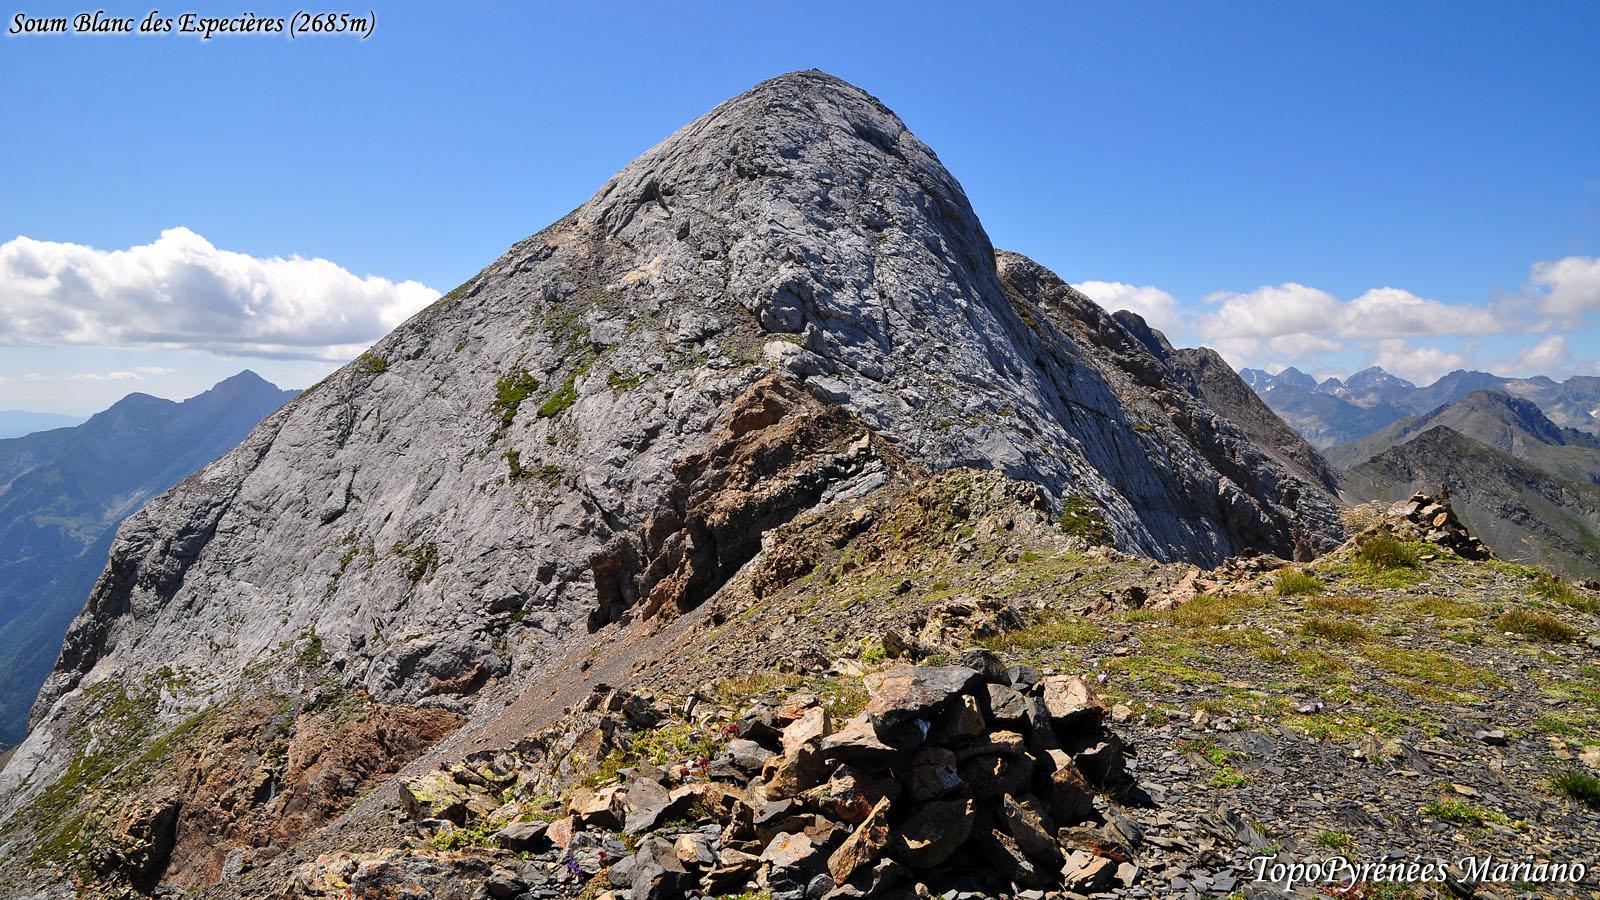 Randonnée Soum Blanc des Especières 2685m